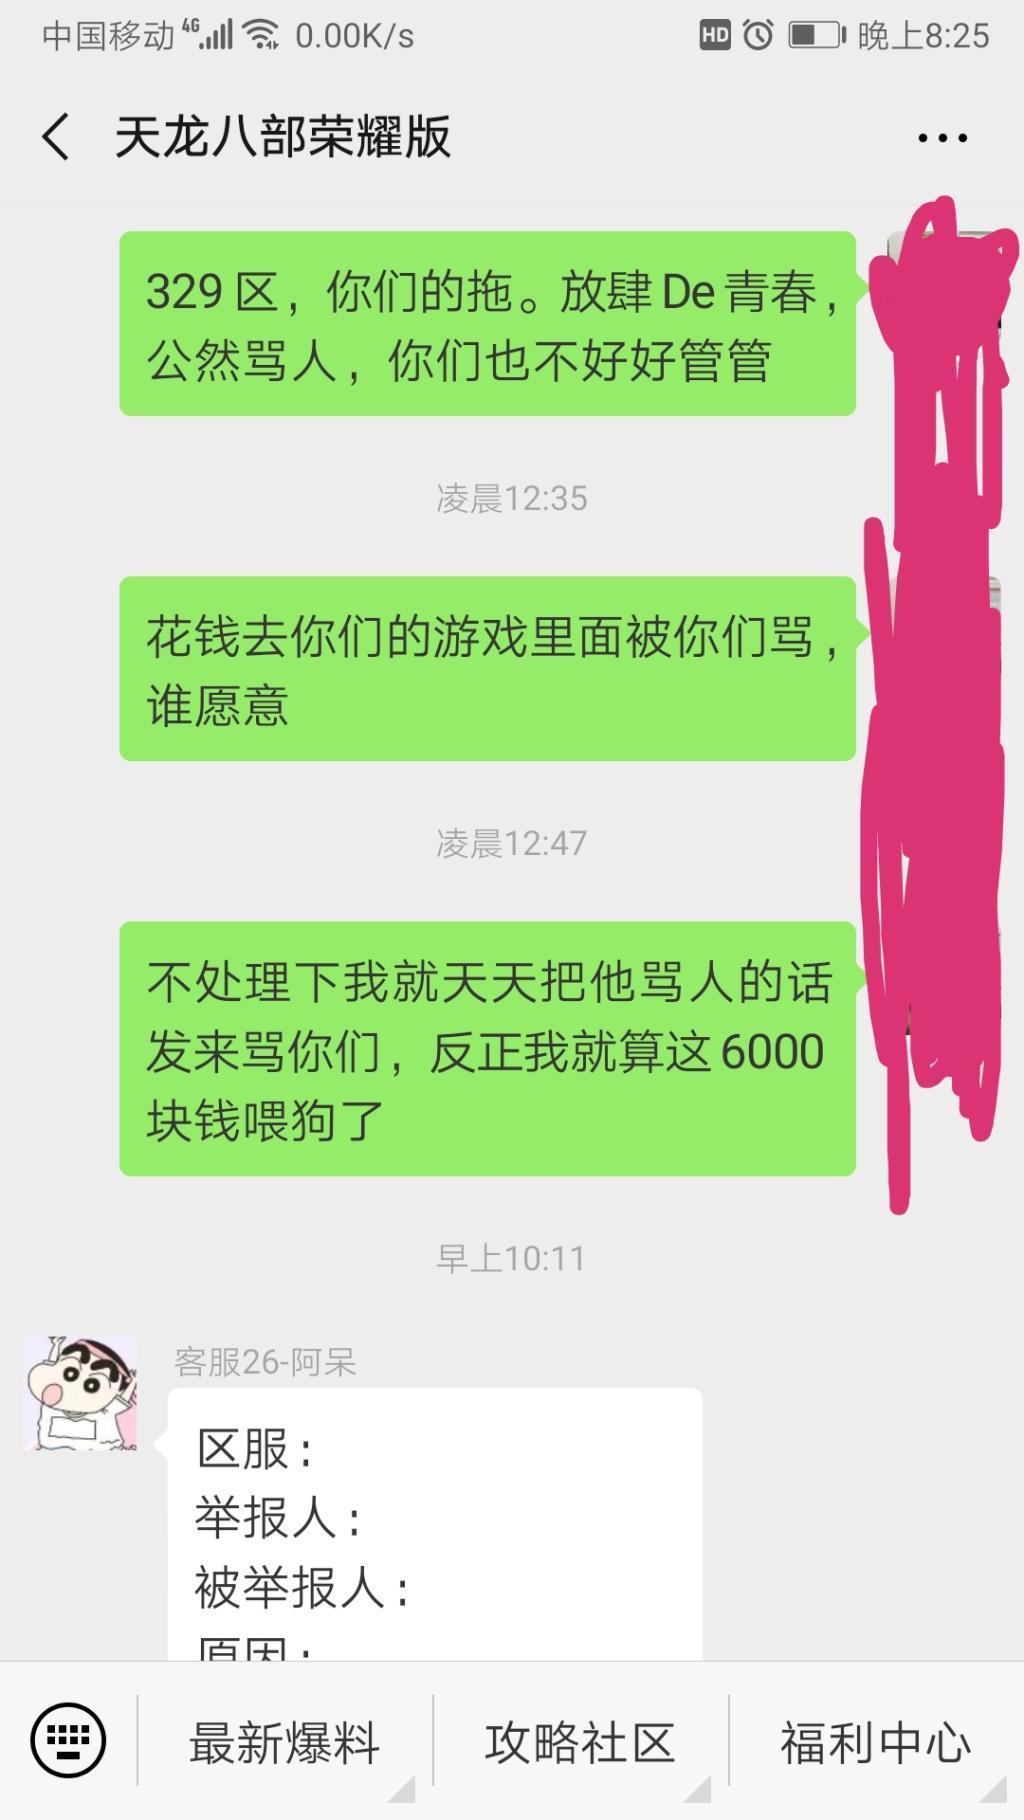 Screenshot_20191016_202619.jpg